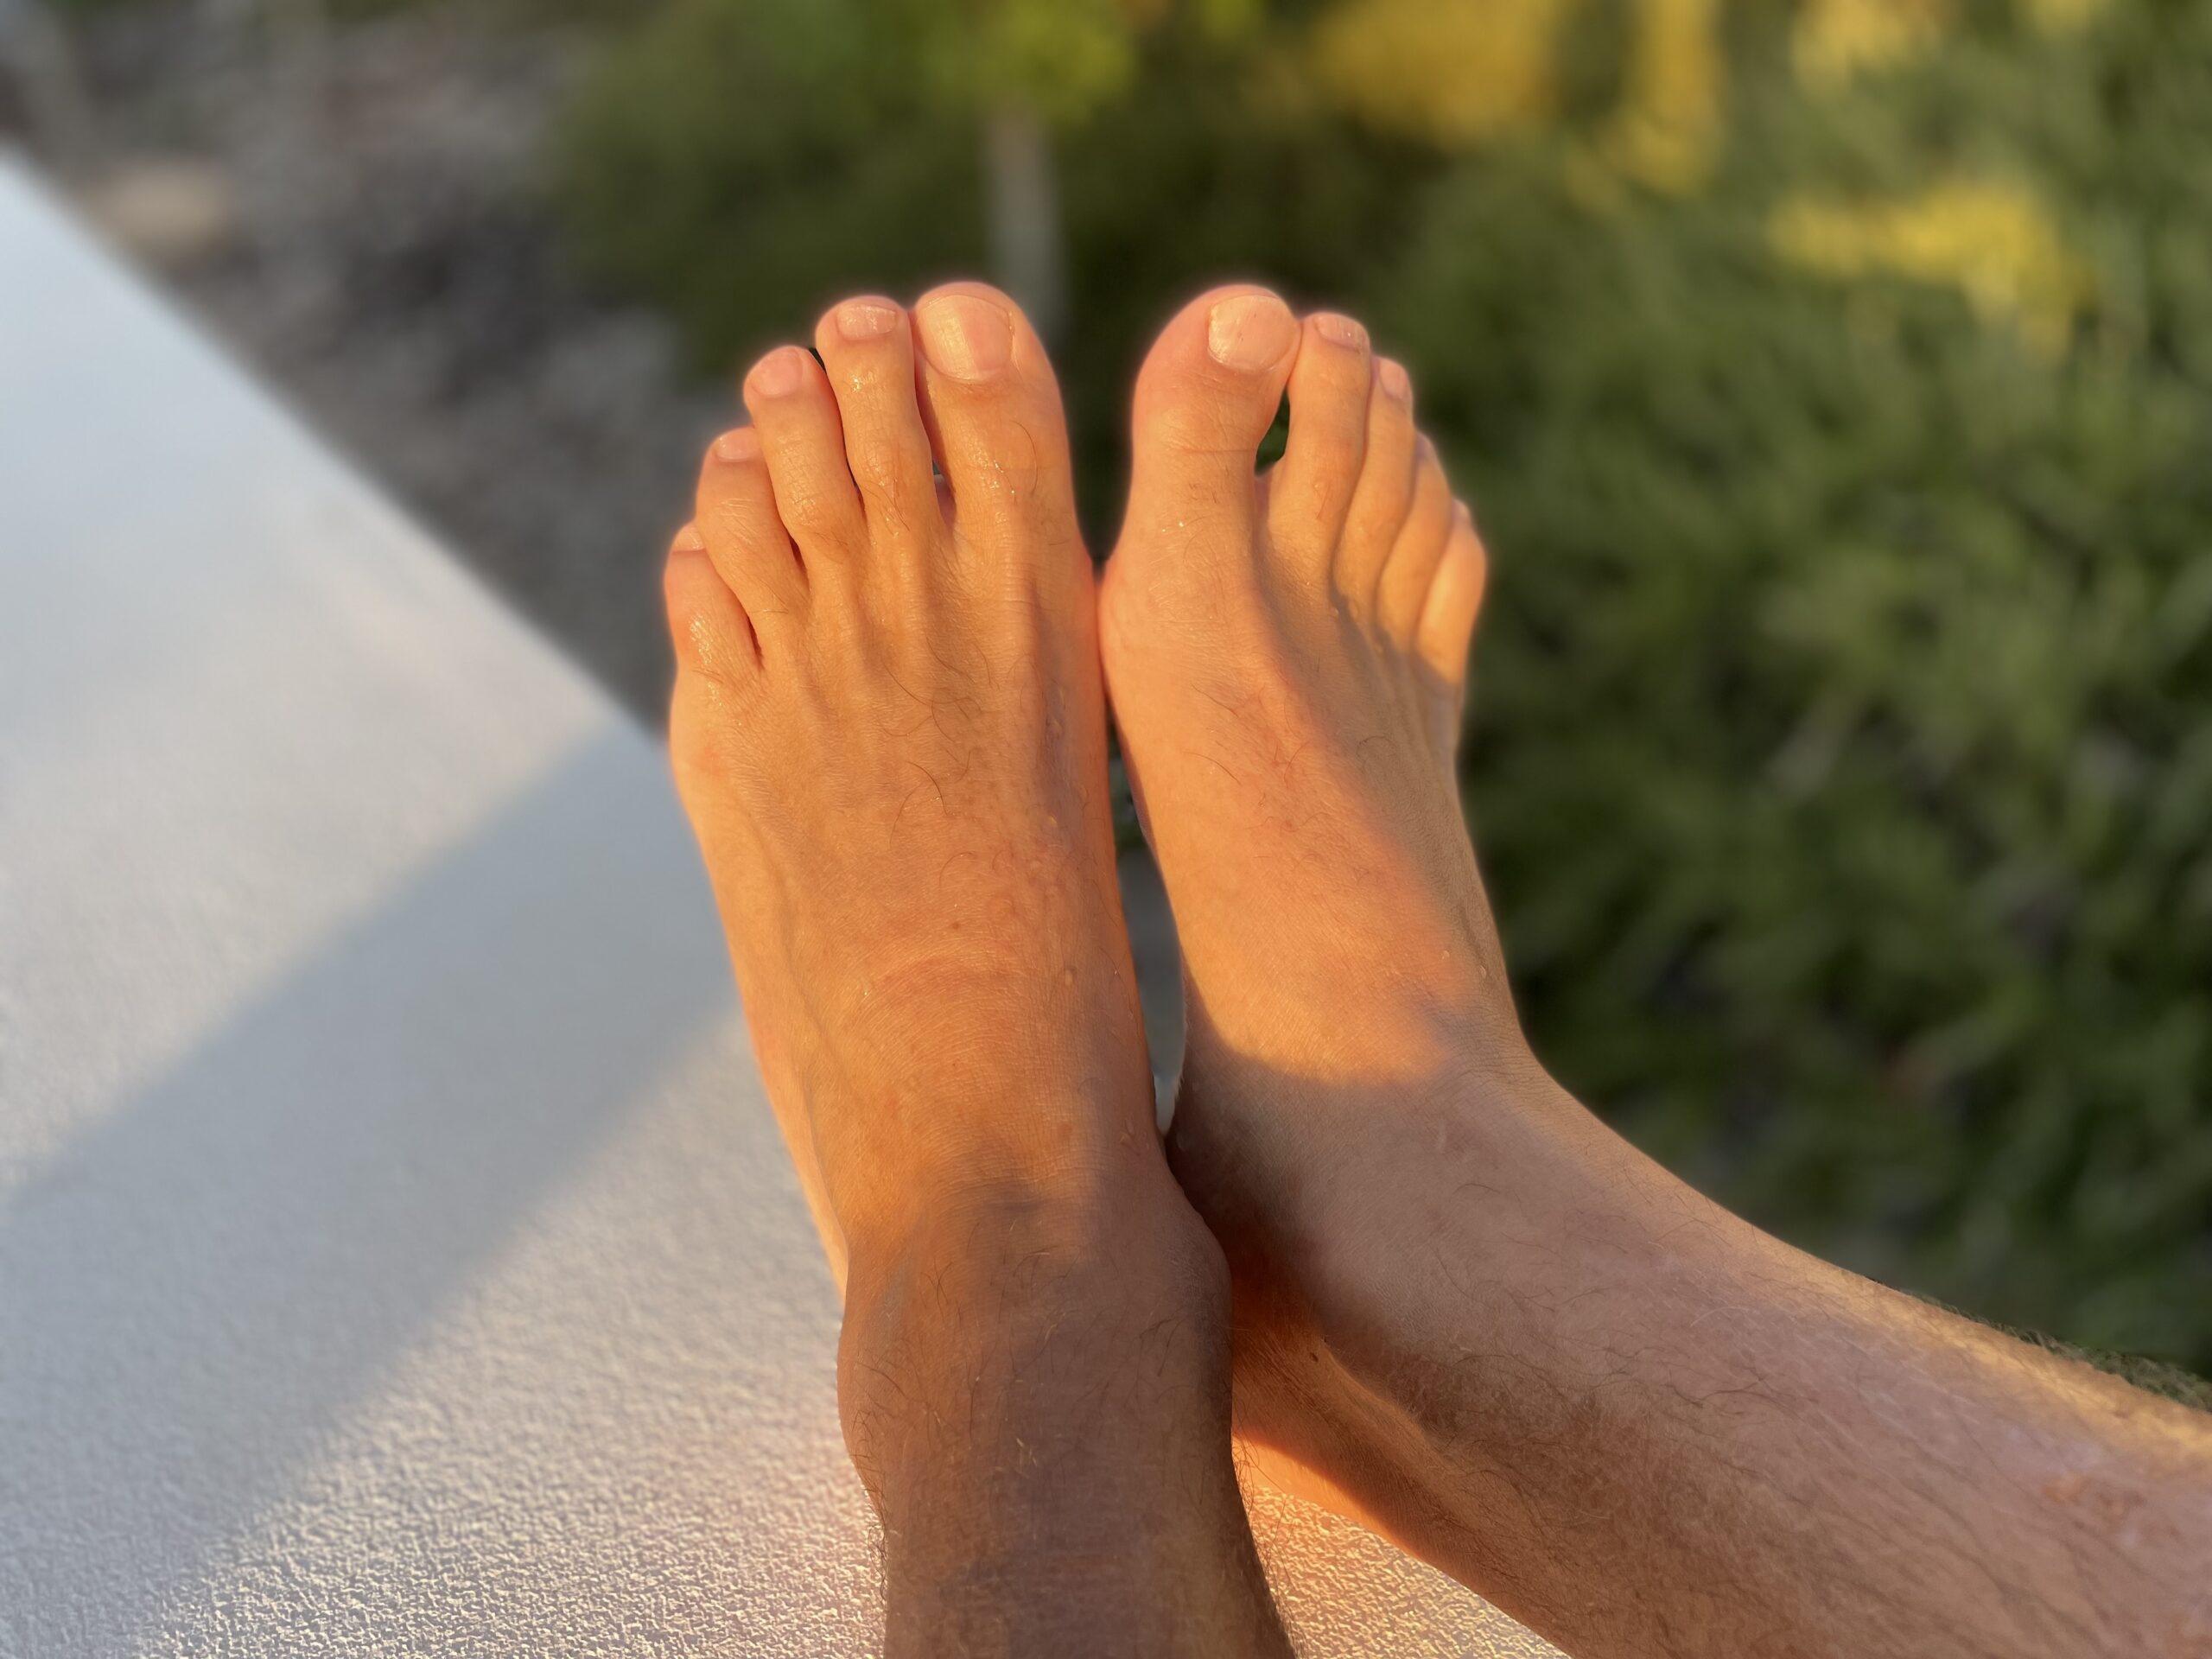 pies hombre